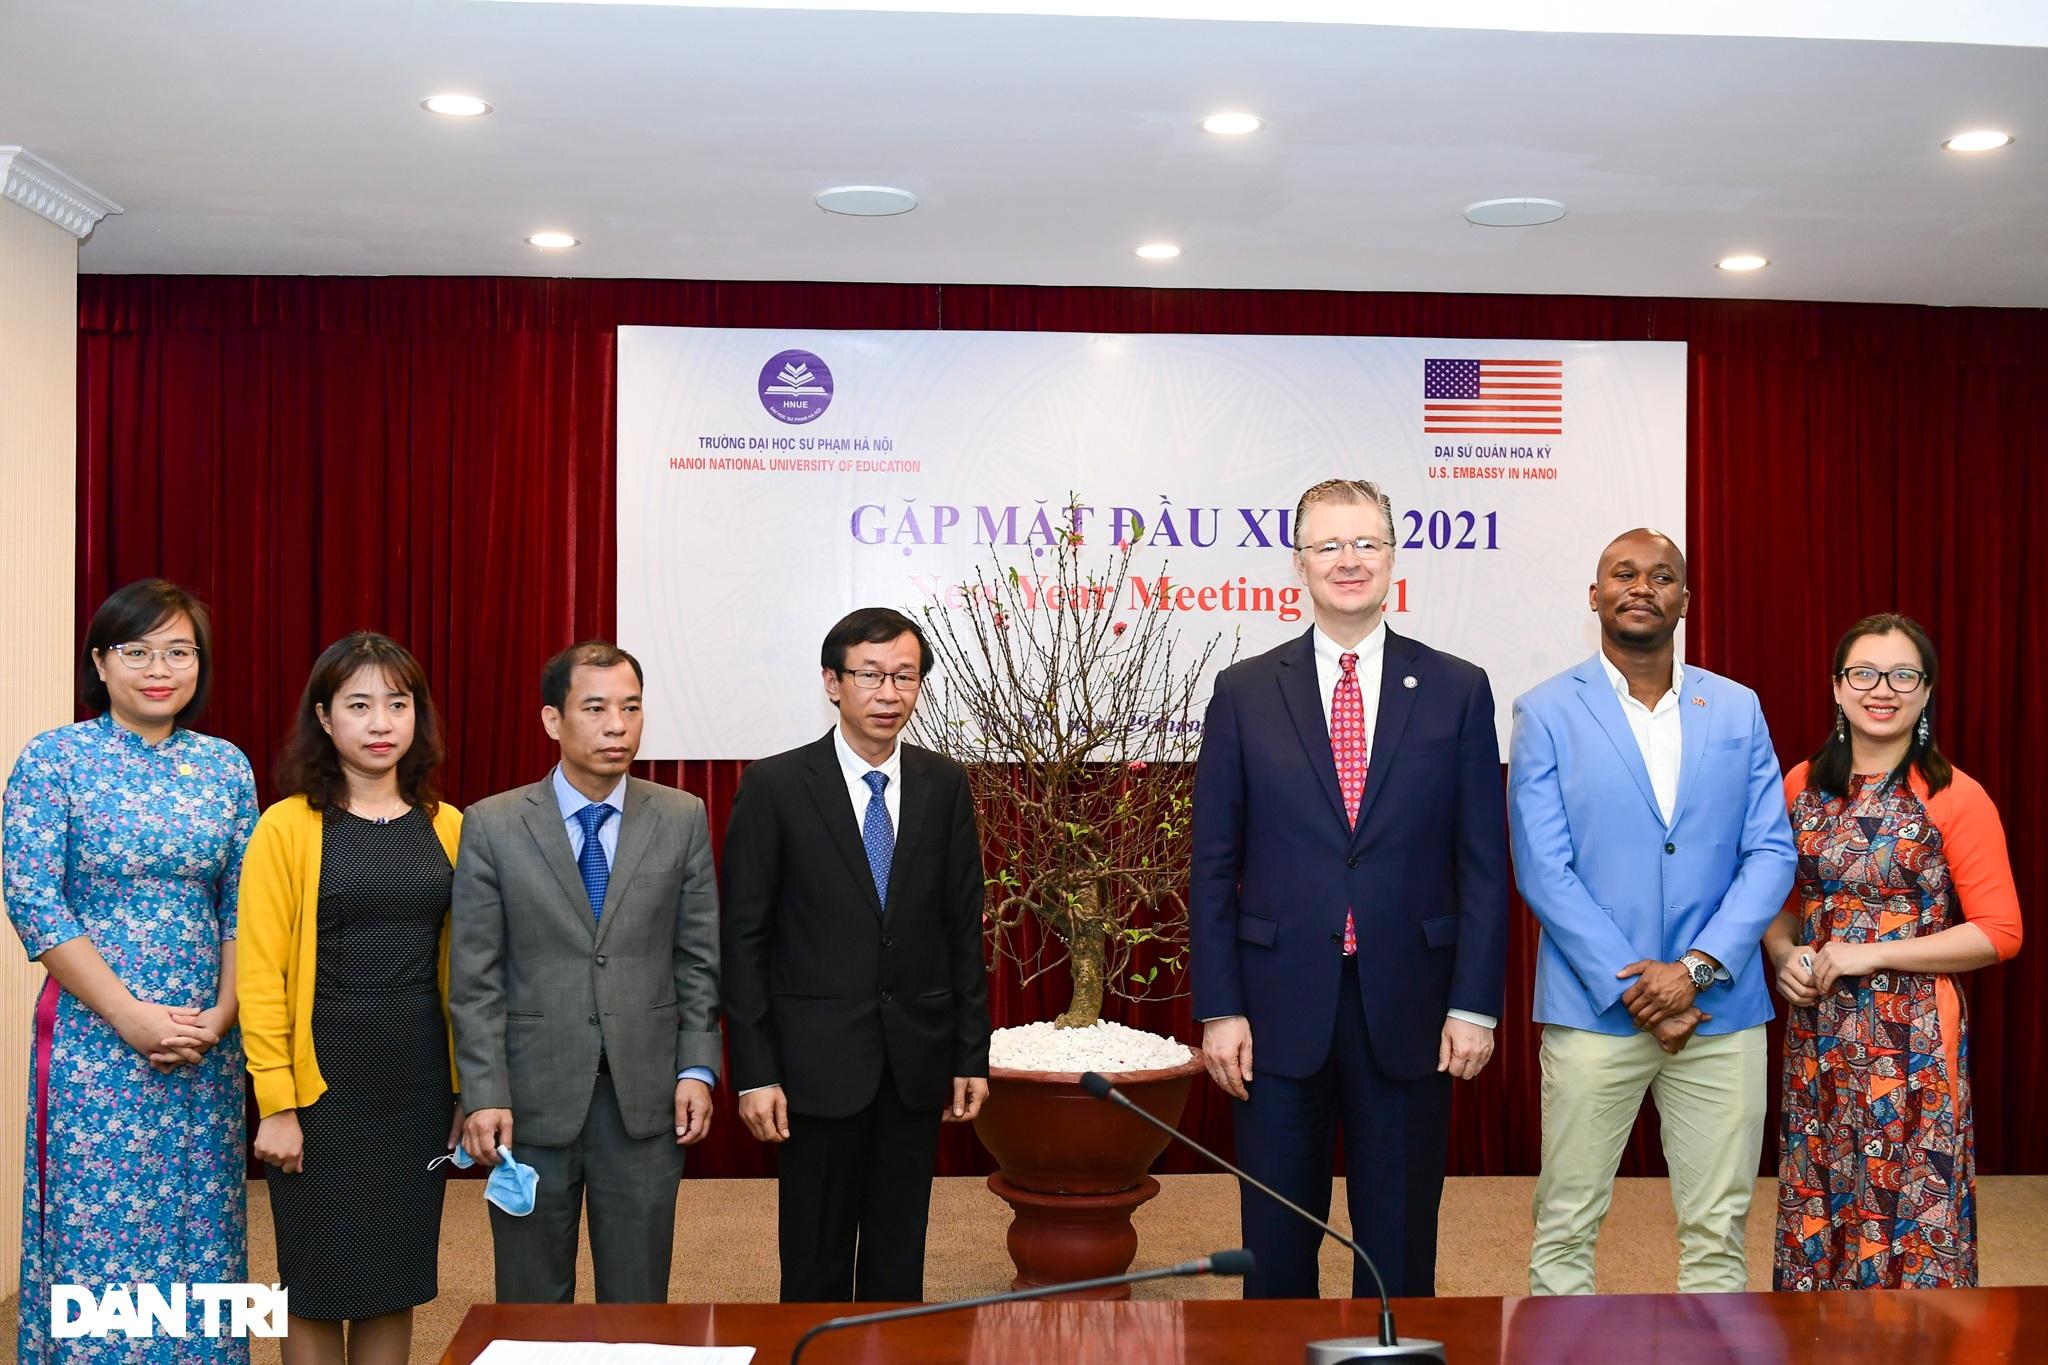 Đại sứ Hoa Kỳ tại Việt Nam tặng cây đào tự tay ghép cho trường ĐHSP Hà Nội - 7